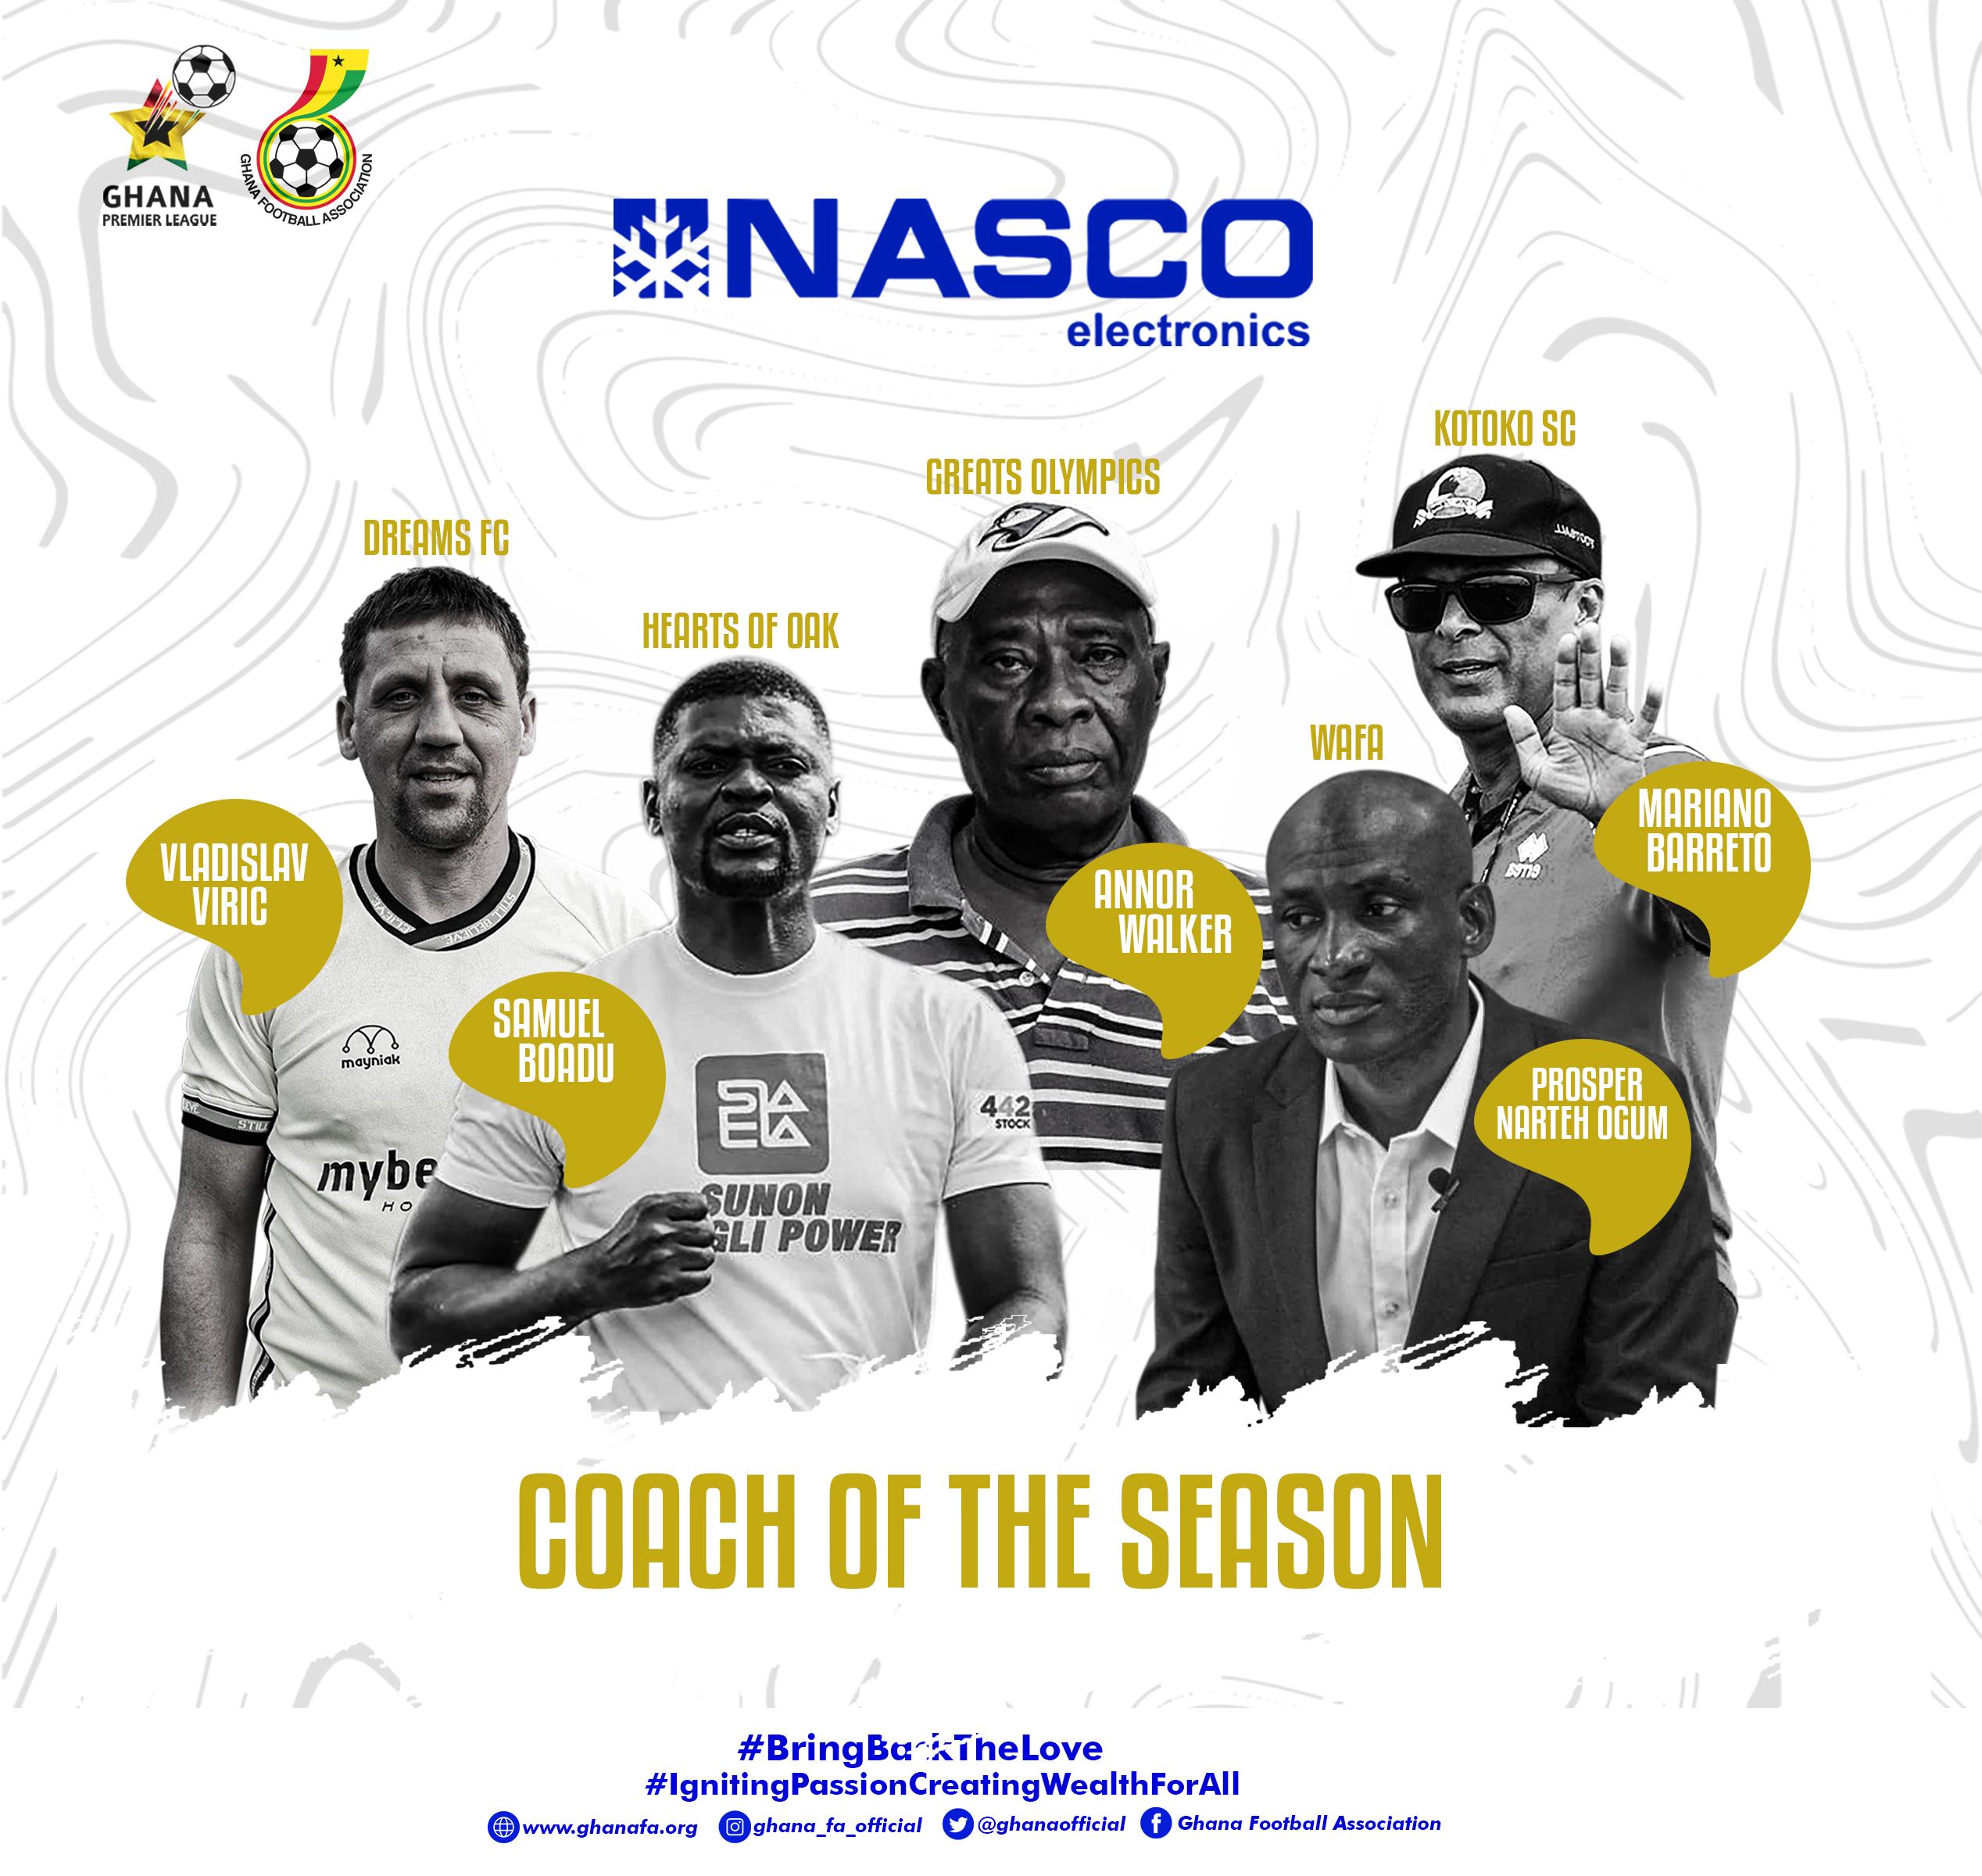 Five Coaches nominated for NASCO Coach of the Season Award